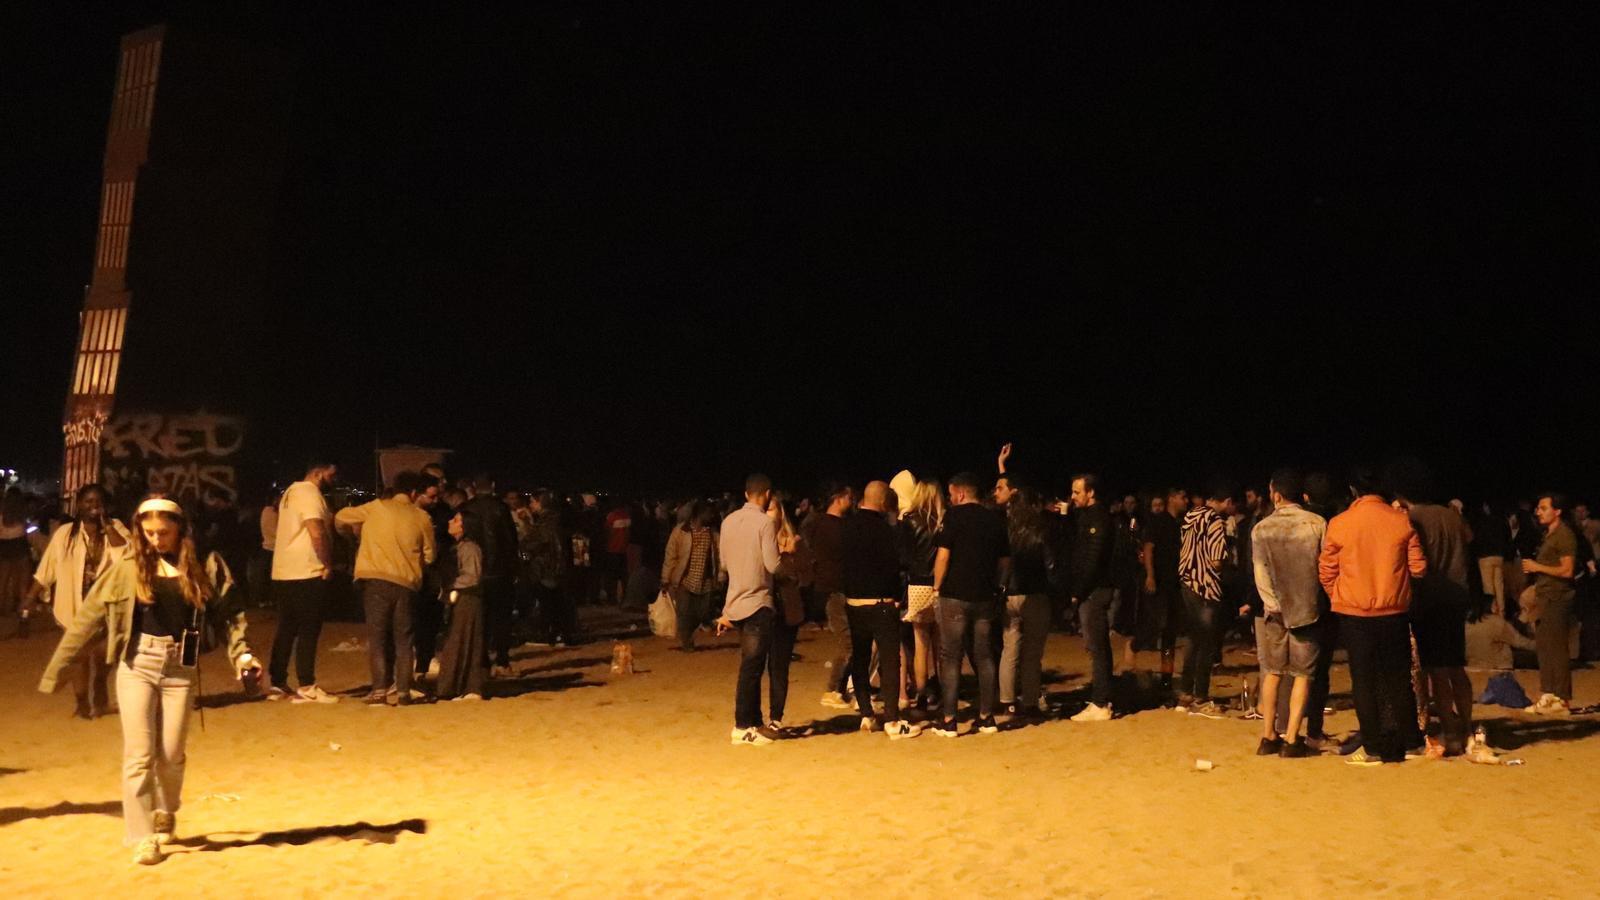 La platja de la Barceloneta plena de gent